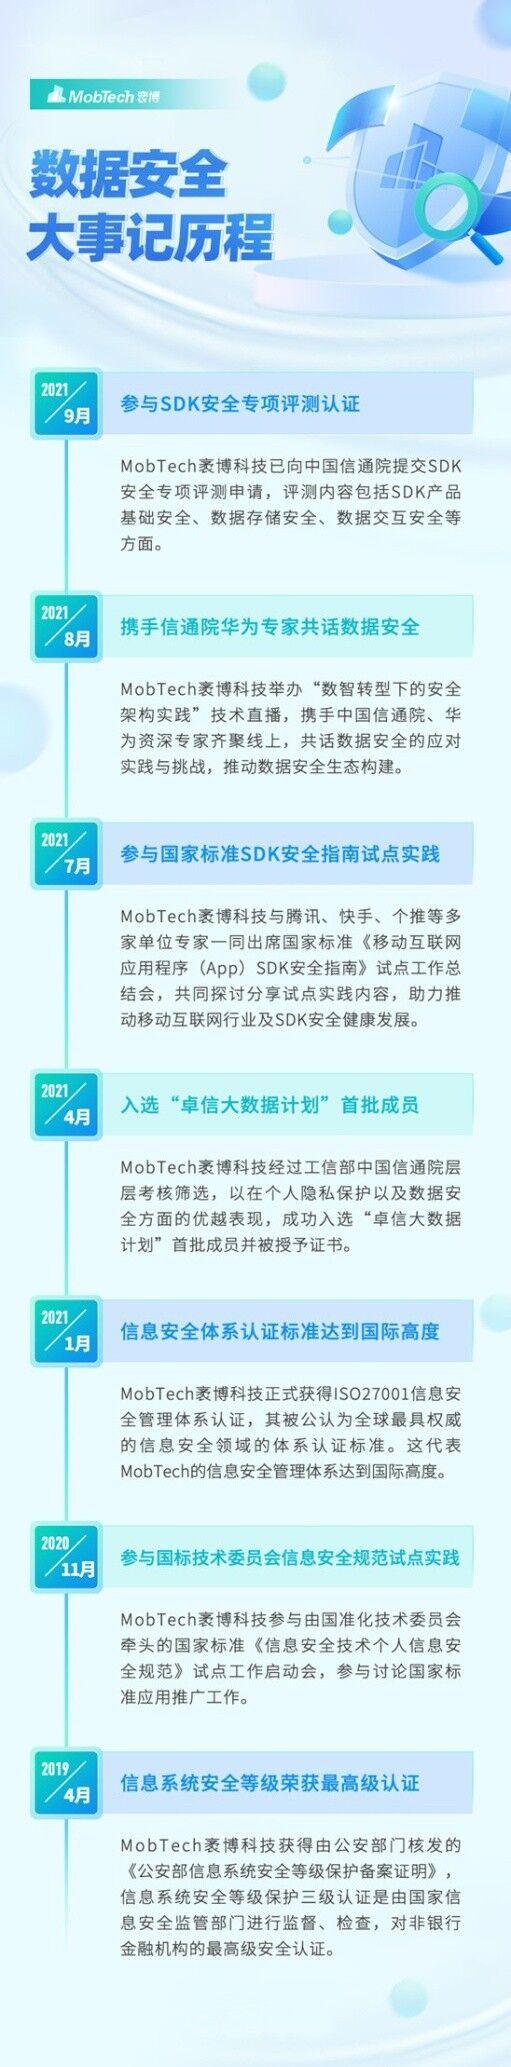 2021国家网络安全周拉开帷幕 MobTech袤博科技践行网络安全在行动